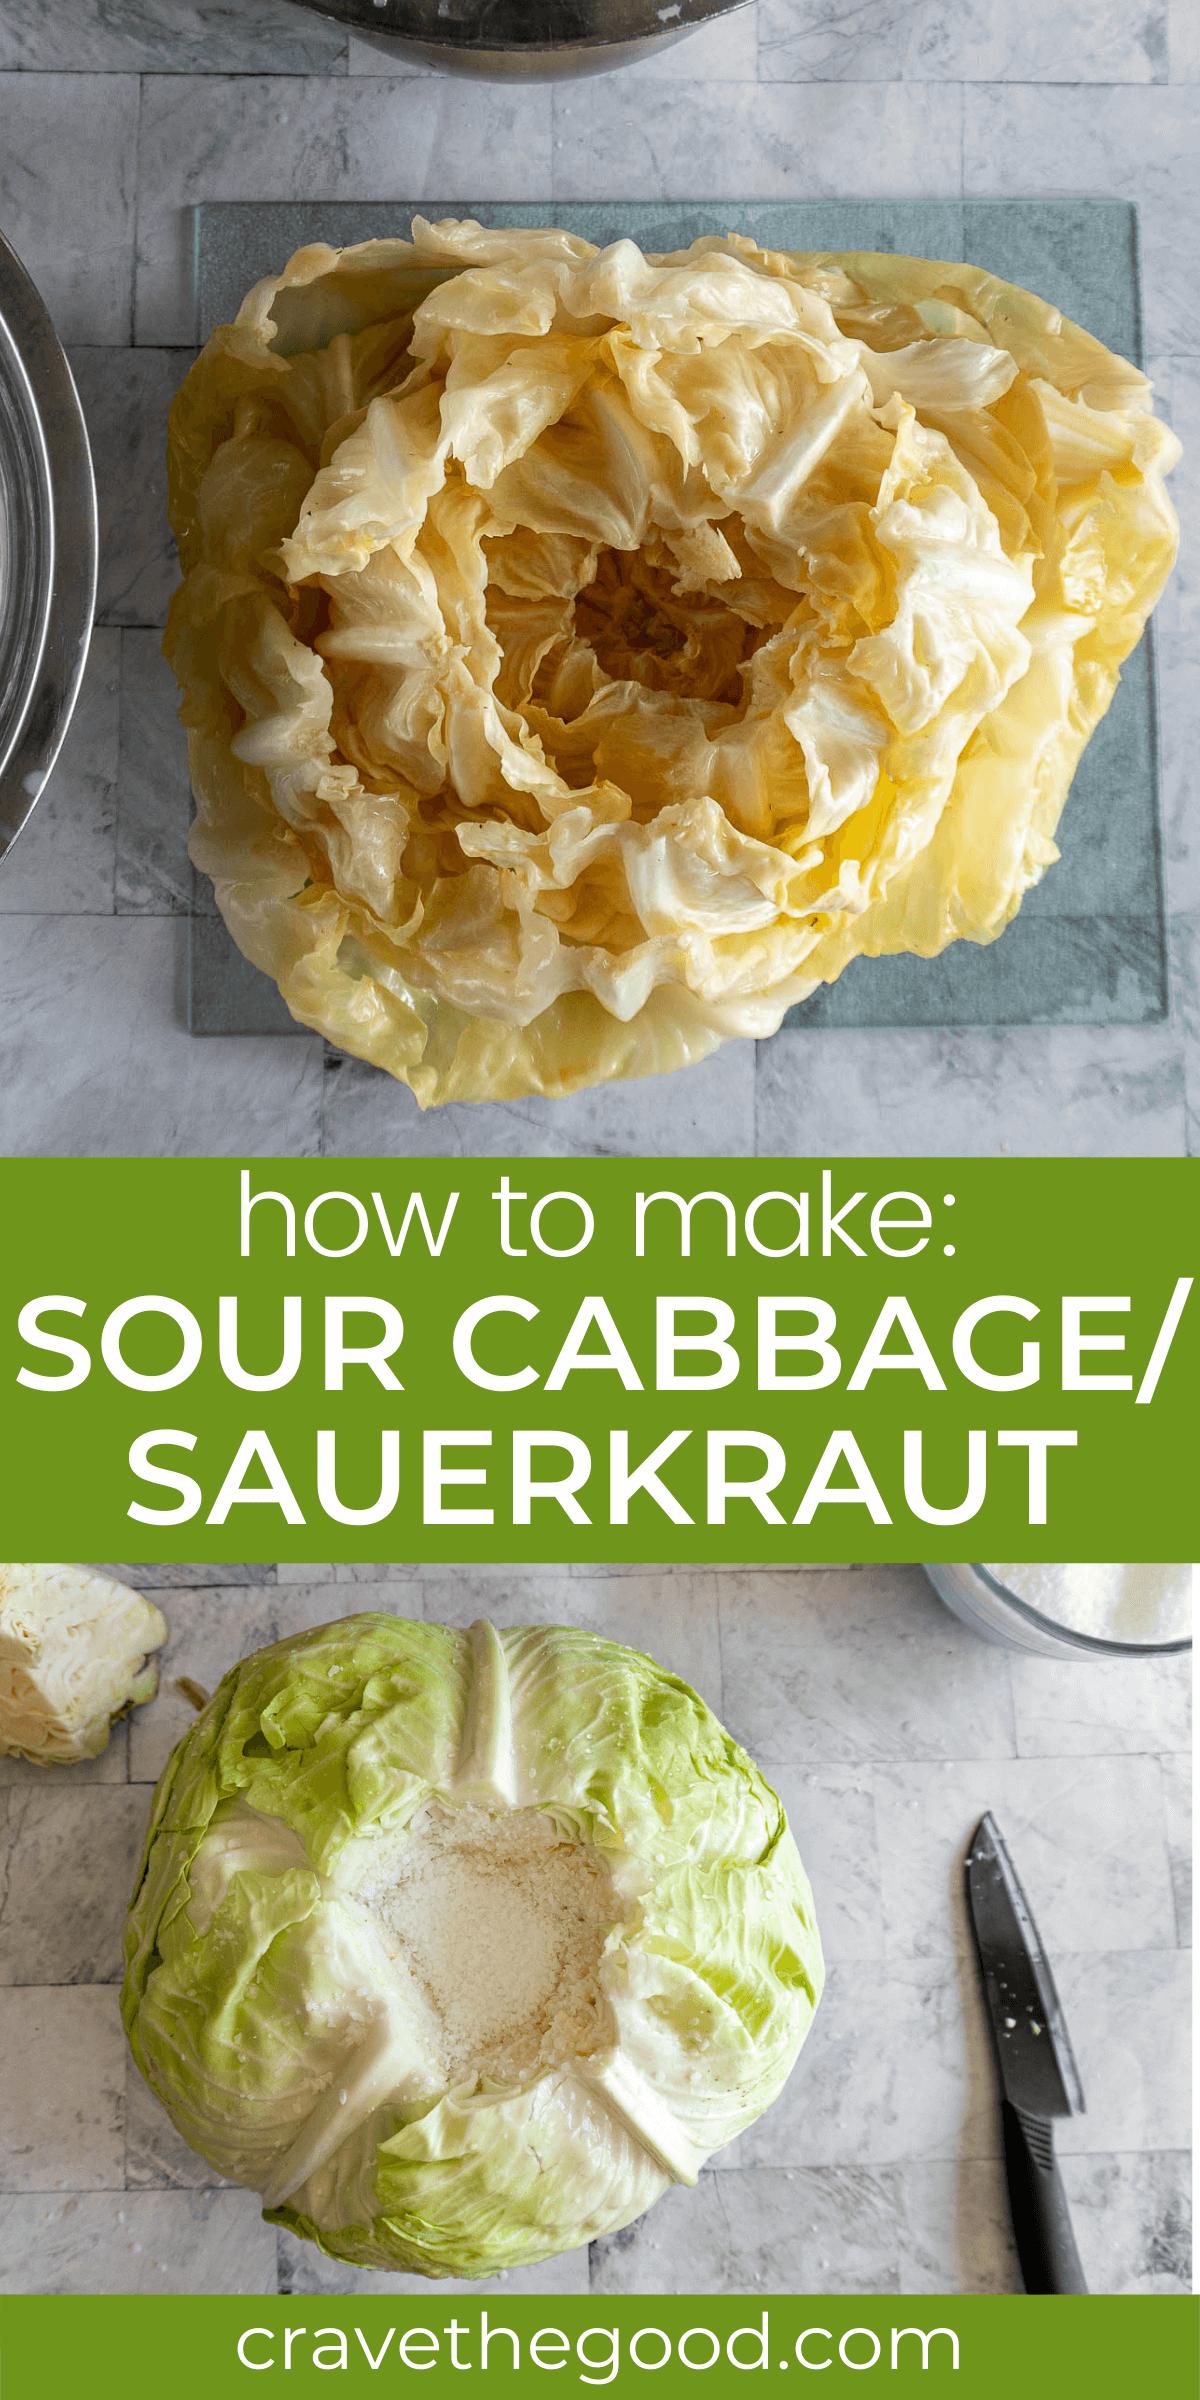 How to make sour cabbage / sauerkraut pinterest graphic.